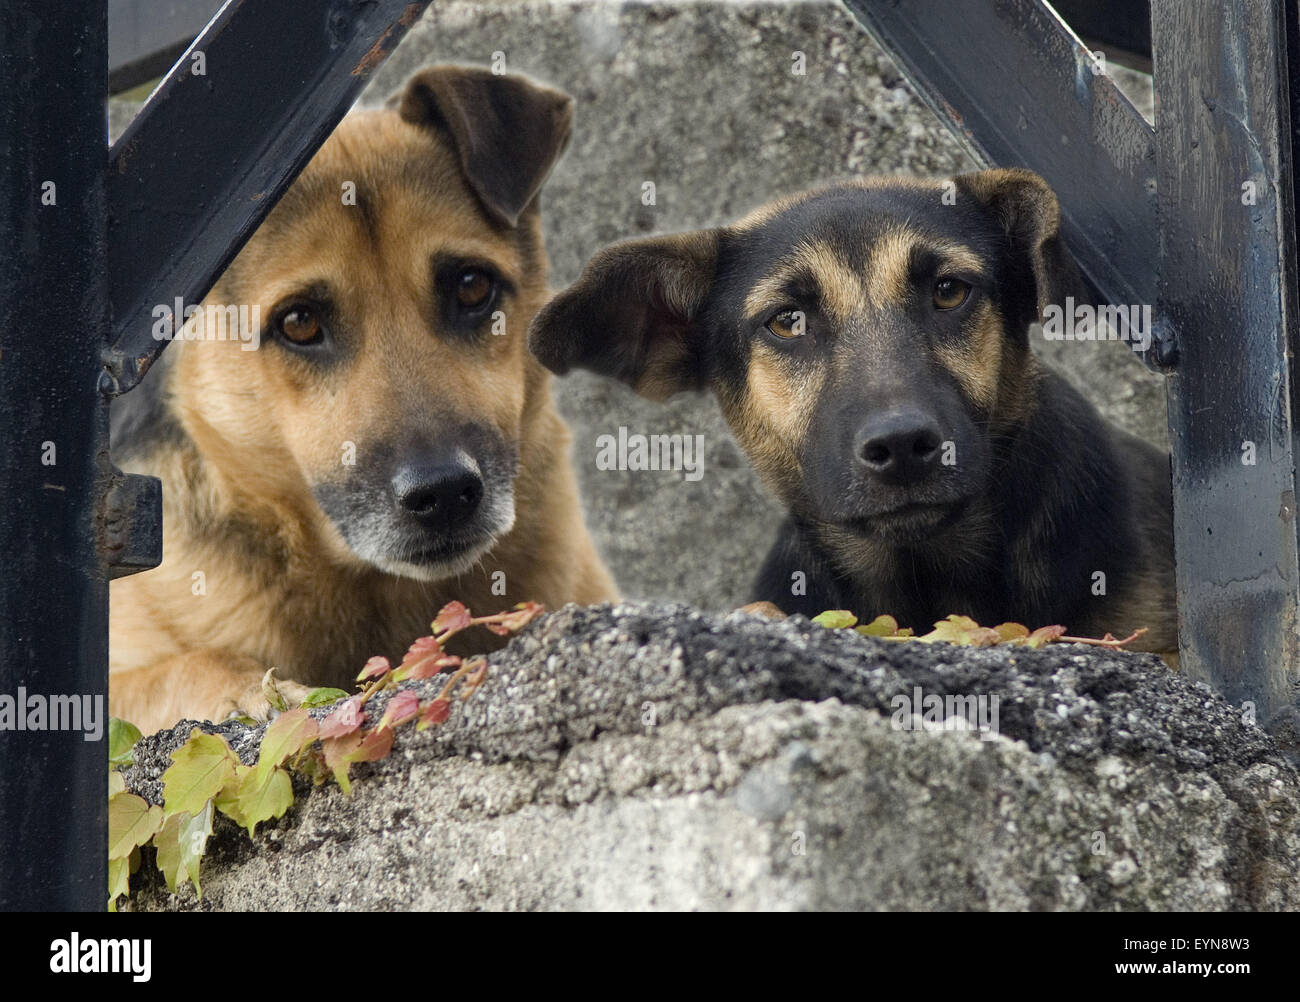 Strassenhund, Betteln; Hund - Stock Image